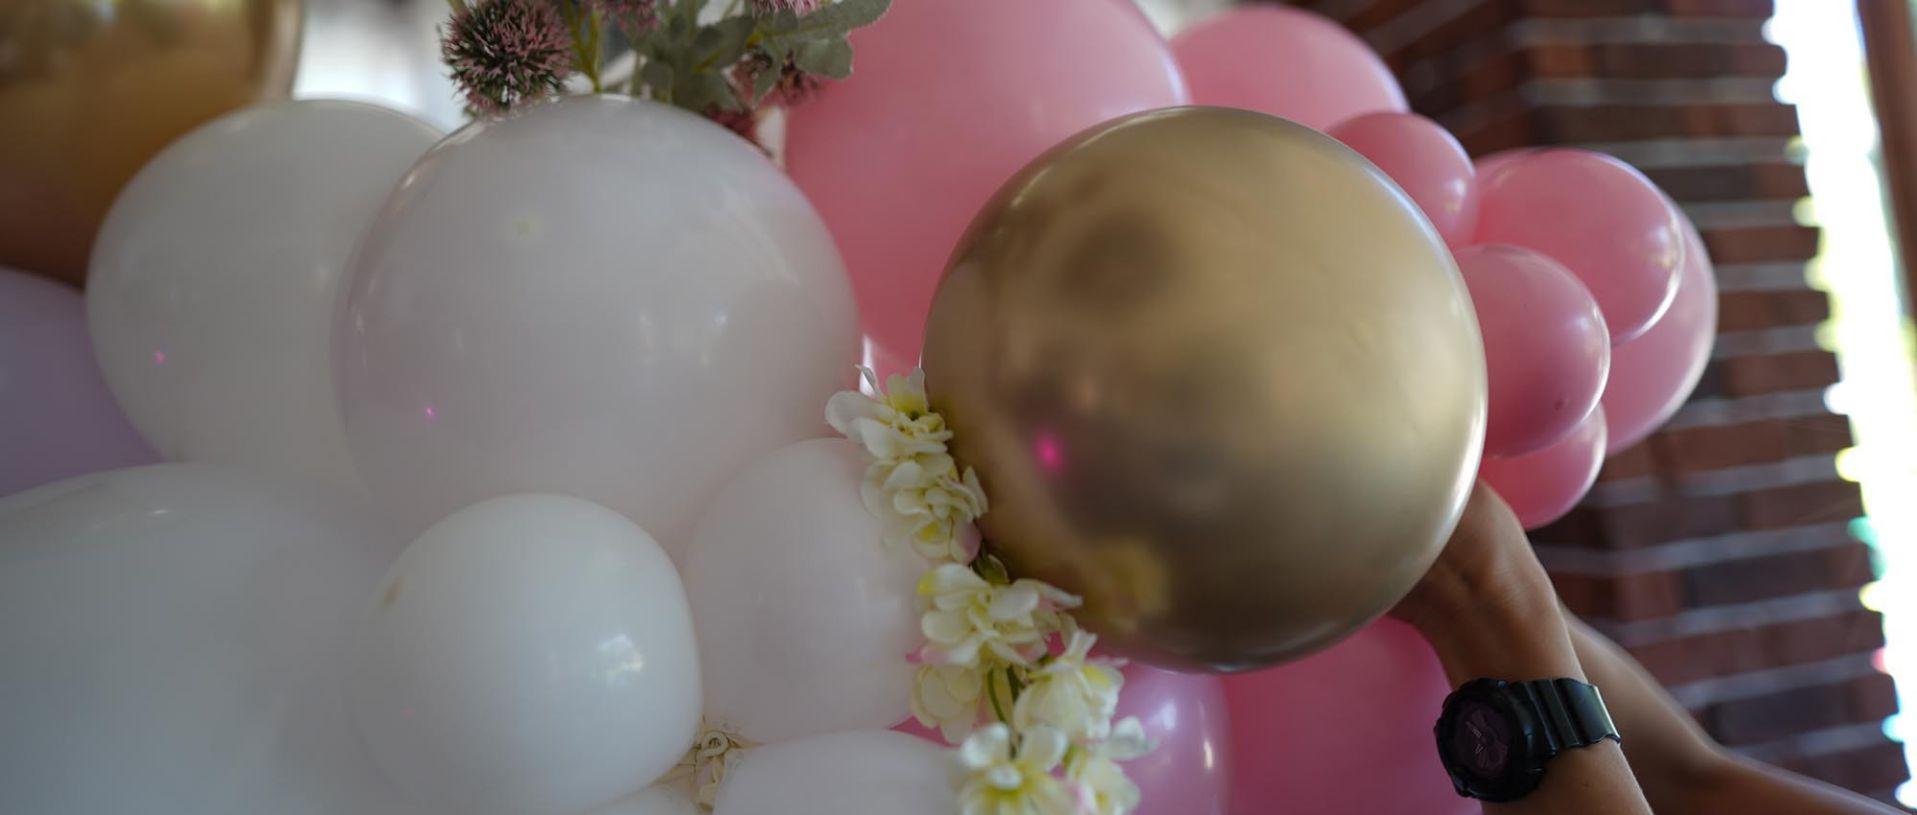 Украса с балони от агенция Mikka Design